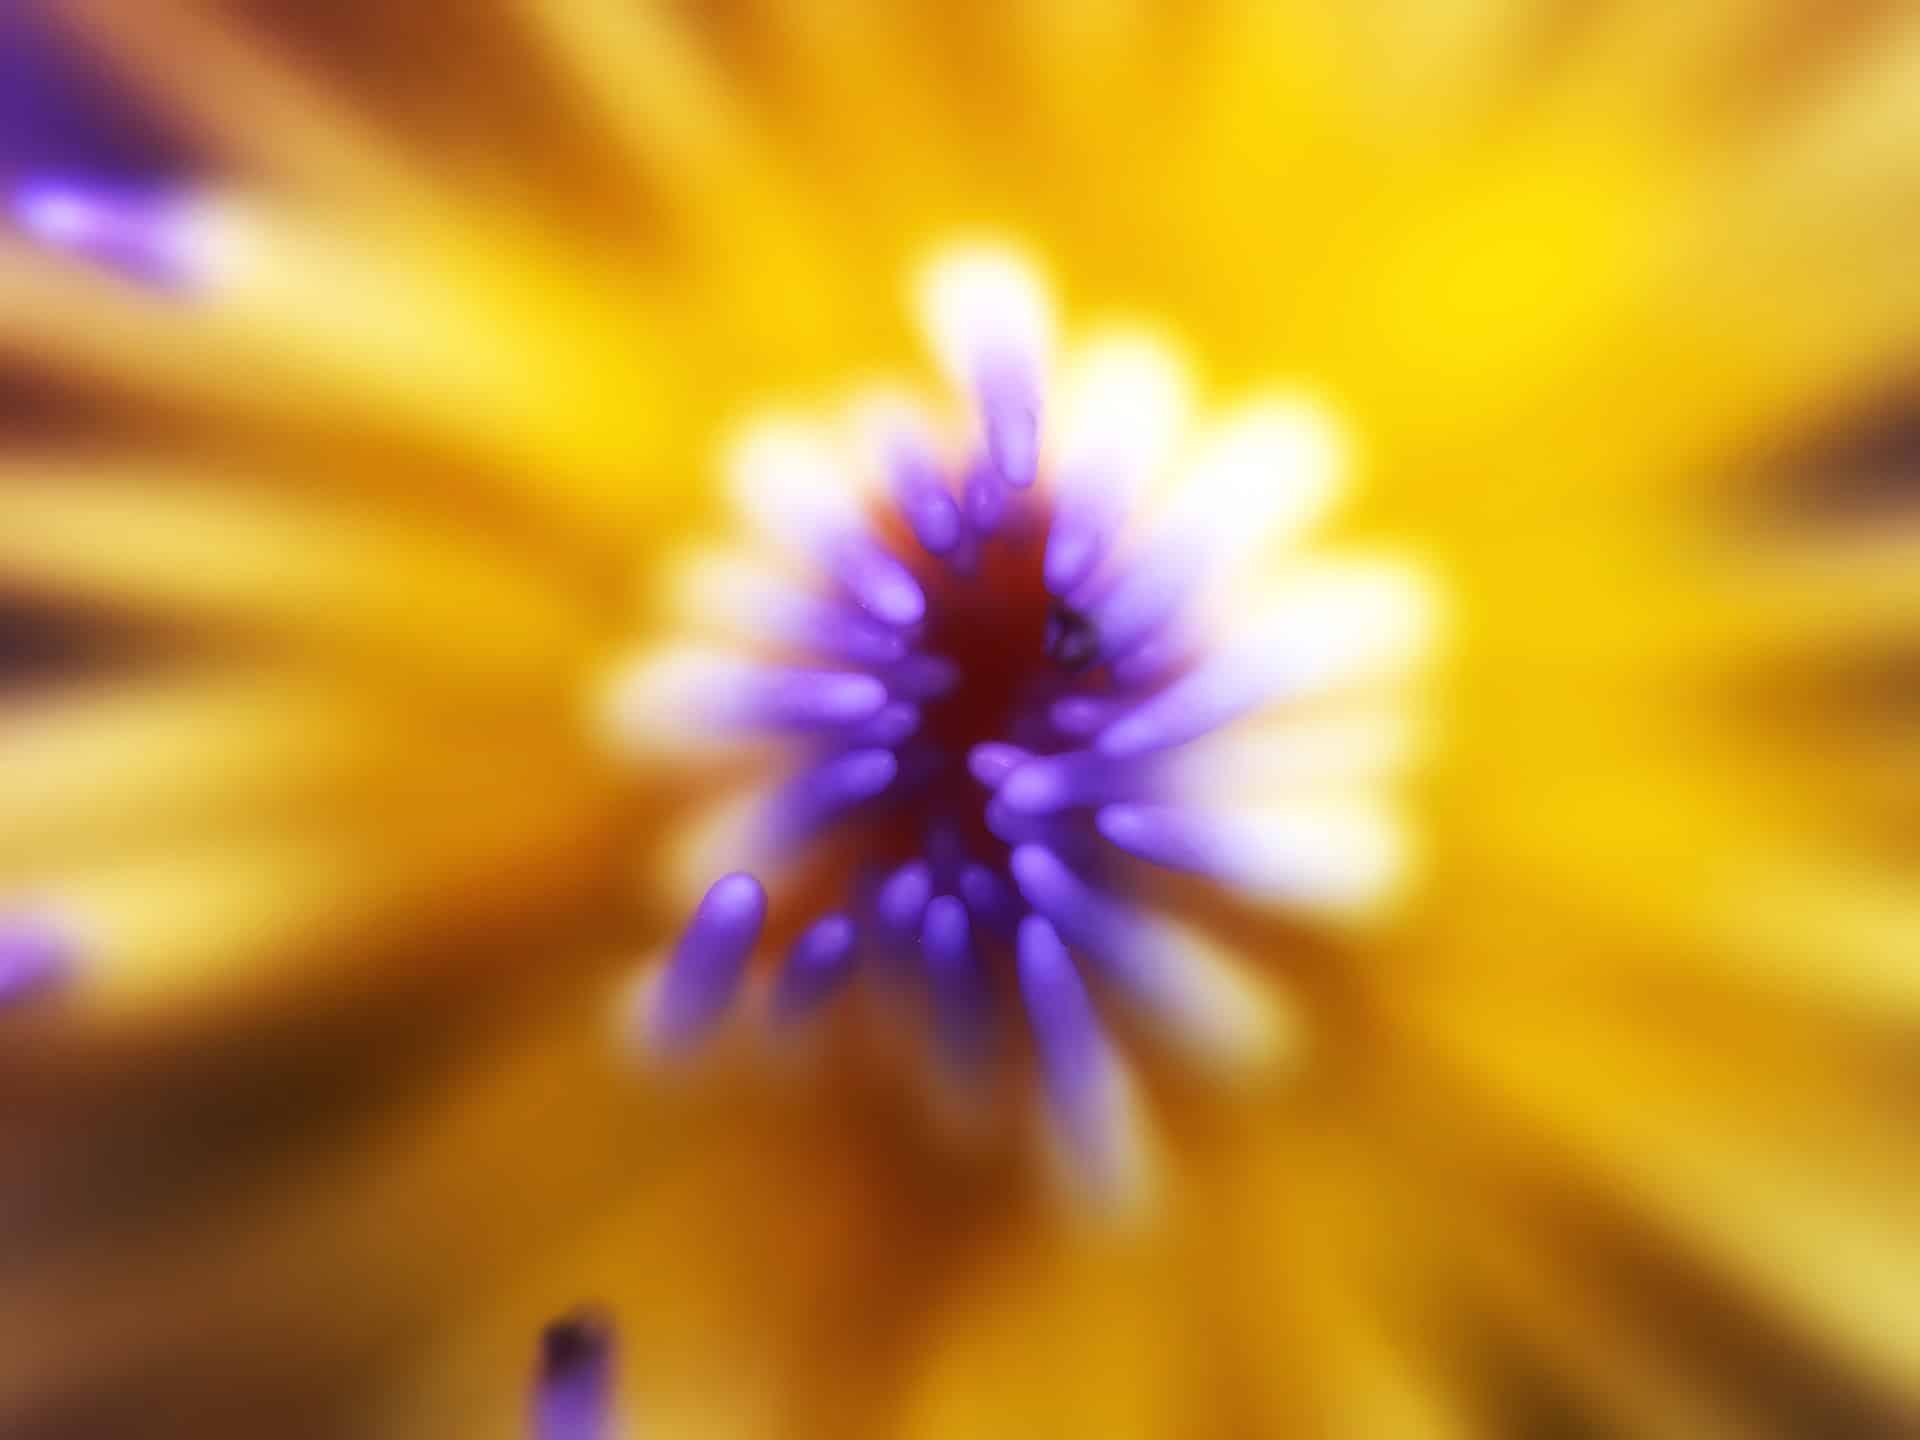 artnorama - Blossom Nucleus